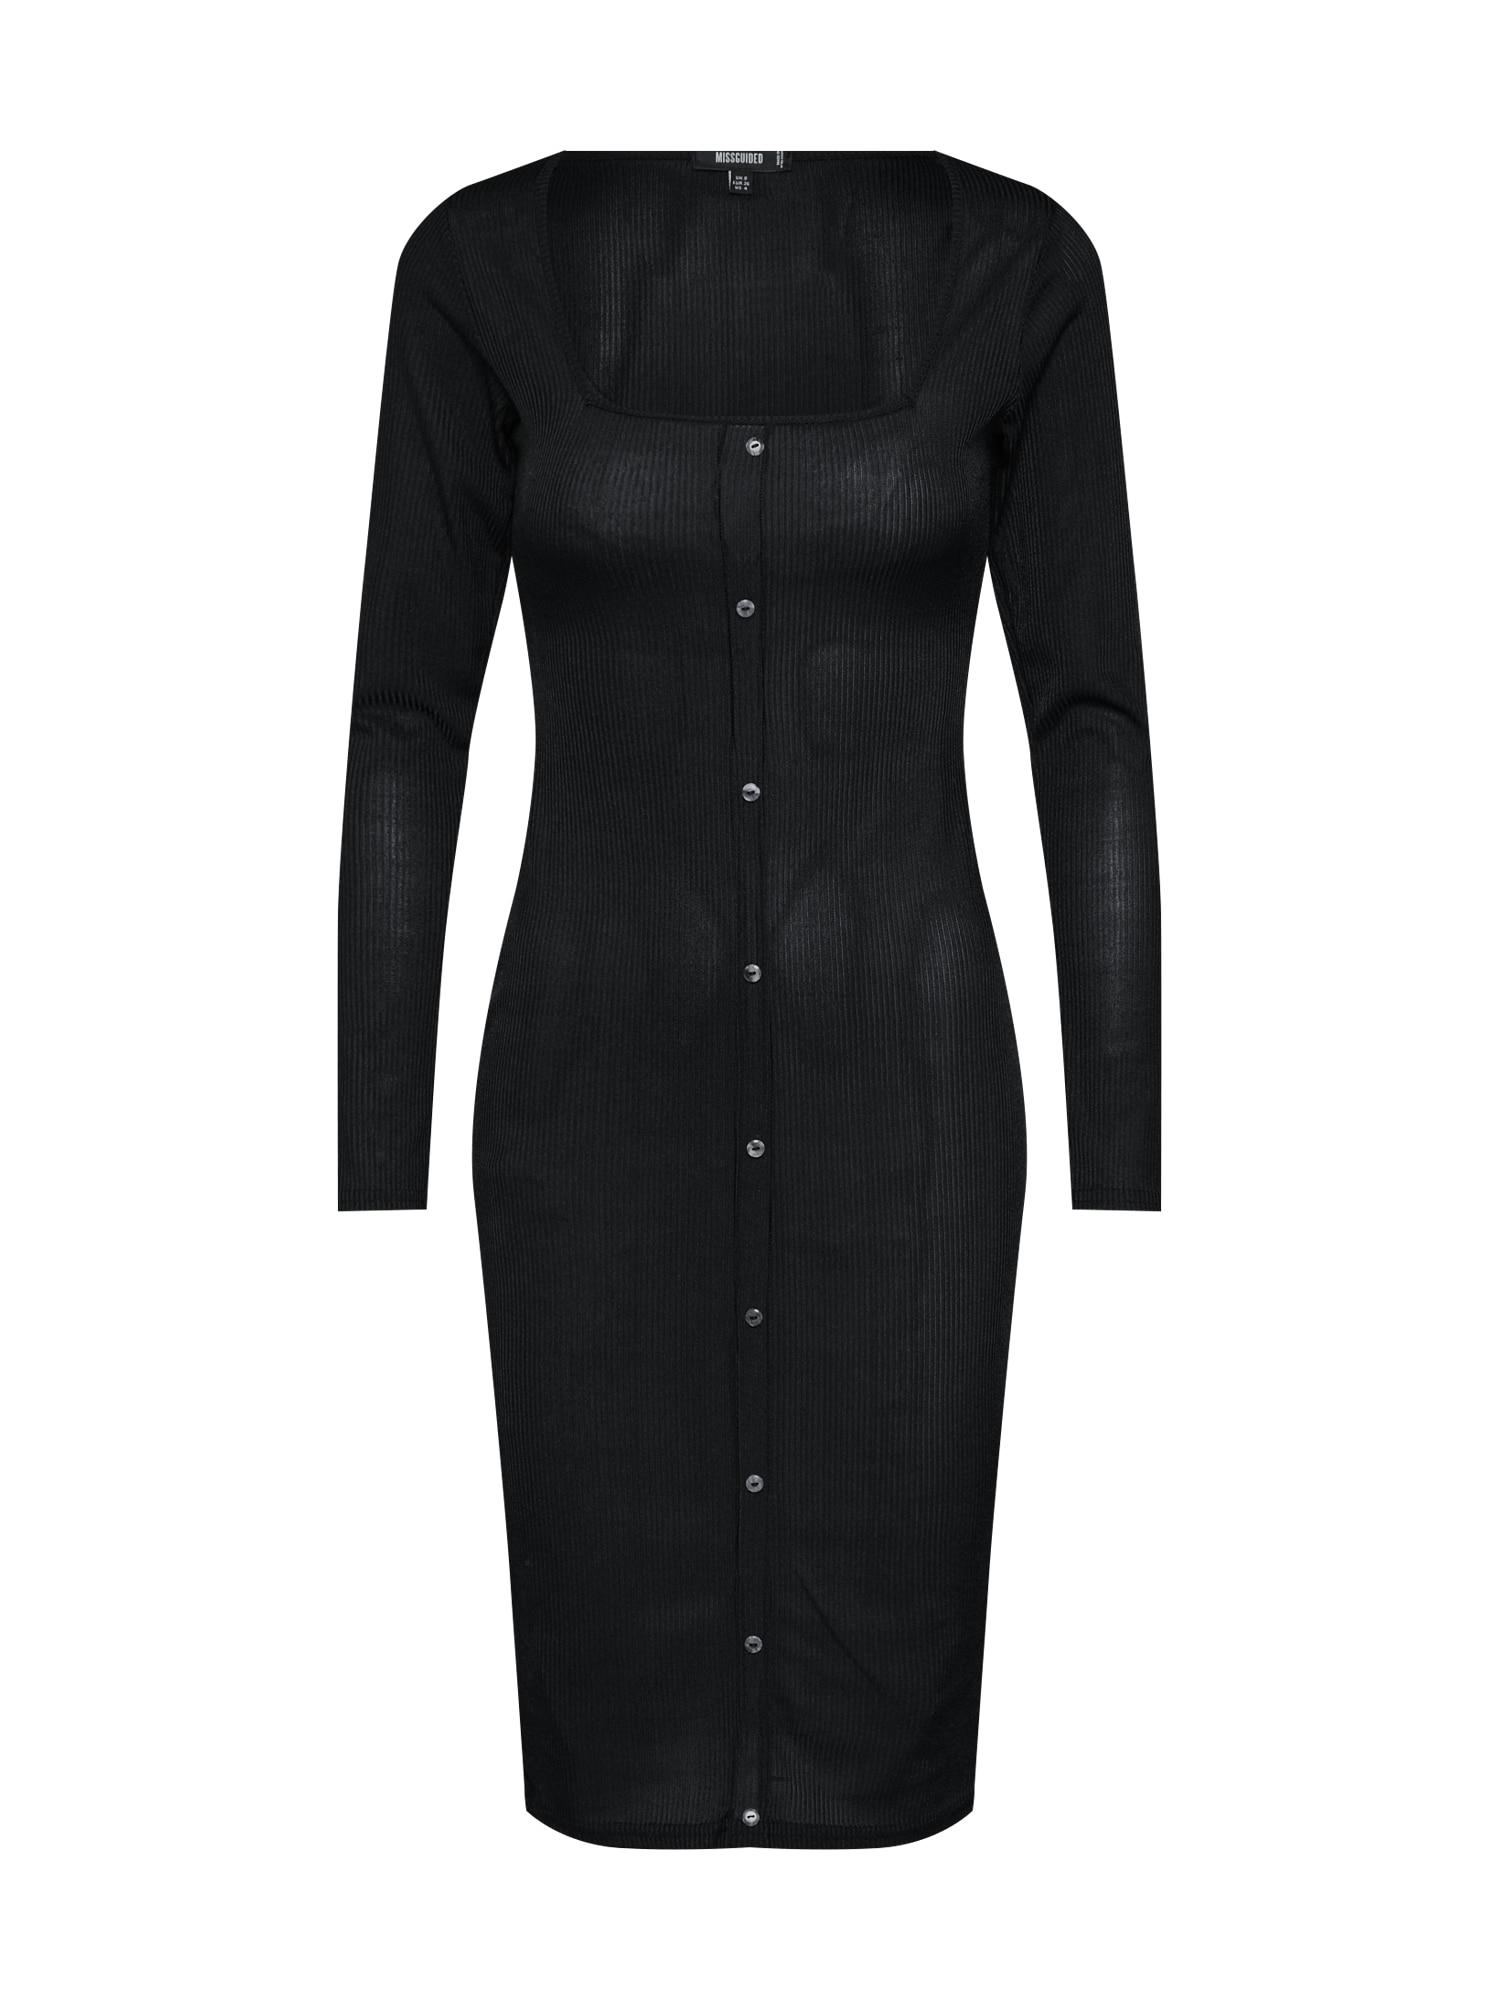 Šaty Slinky Ribbed Long Sleeved Button Front Midi Dress černá Missguided